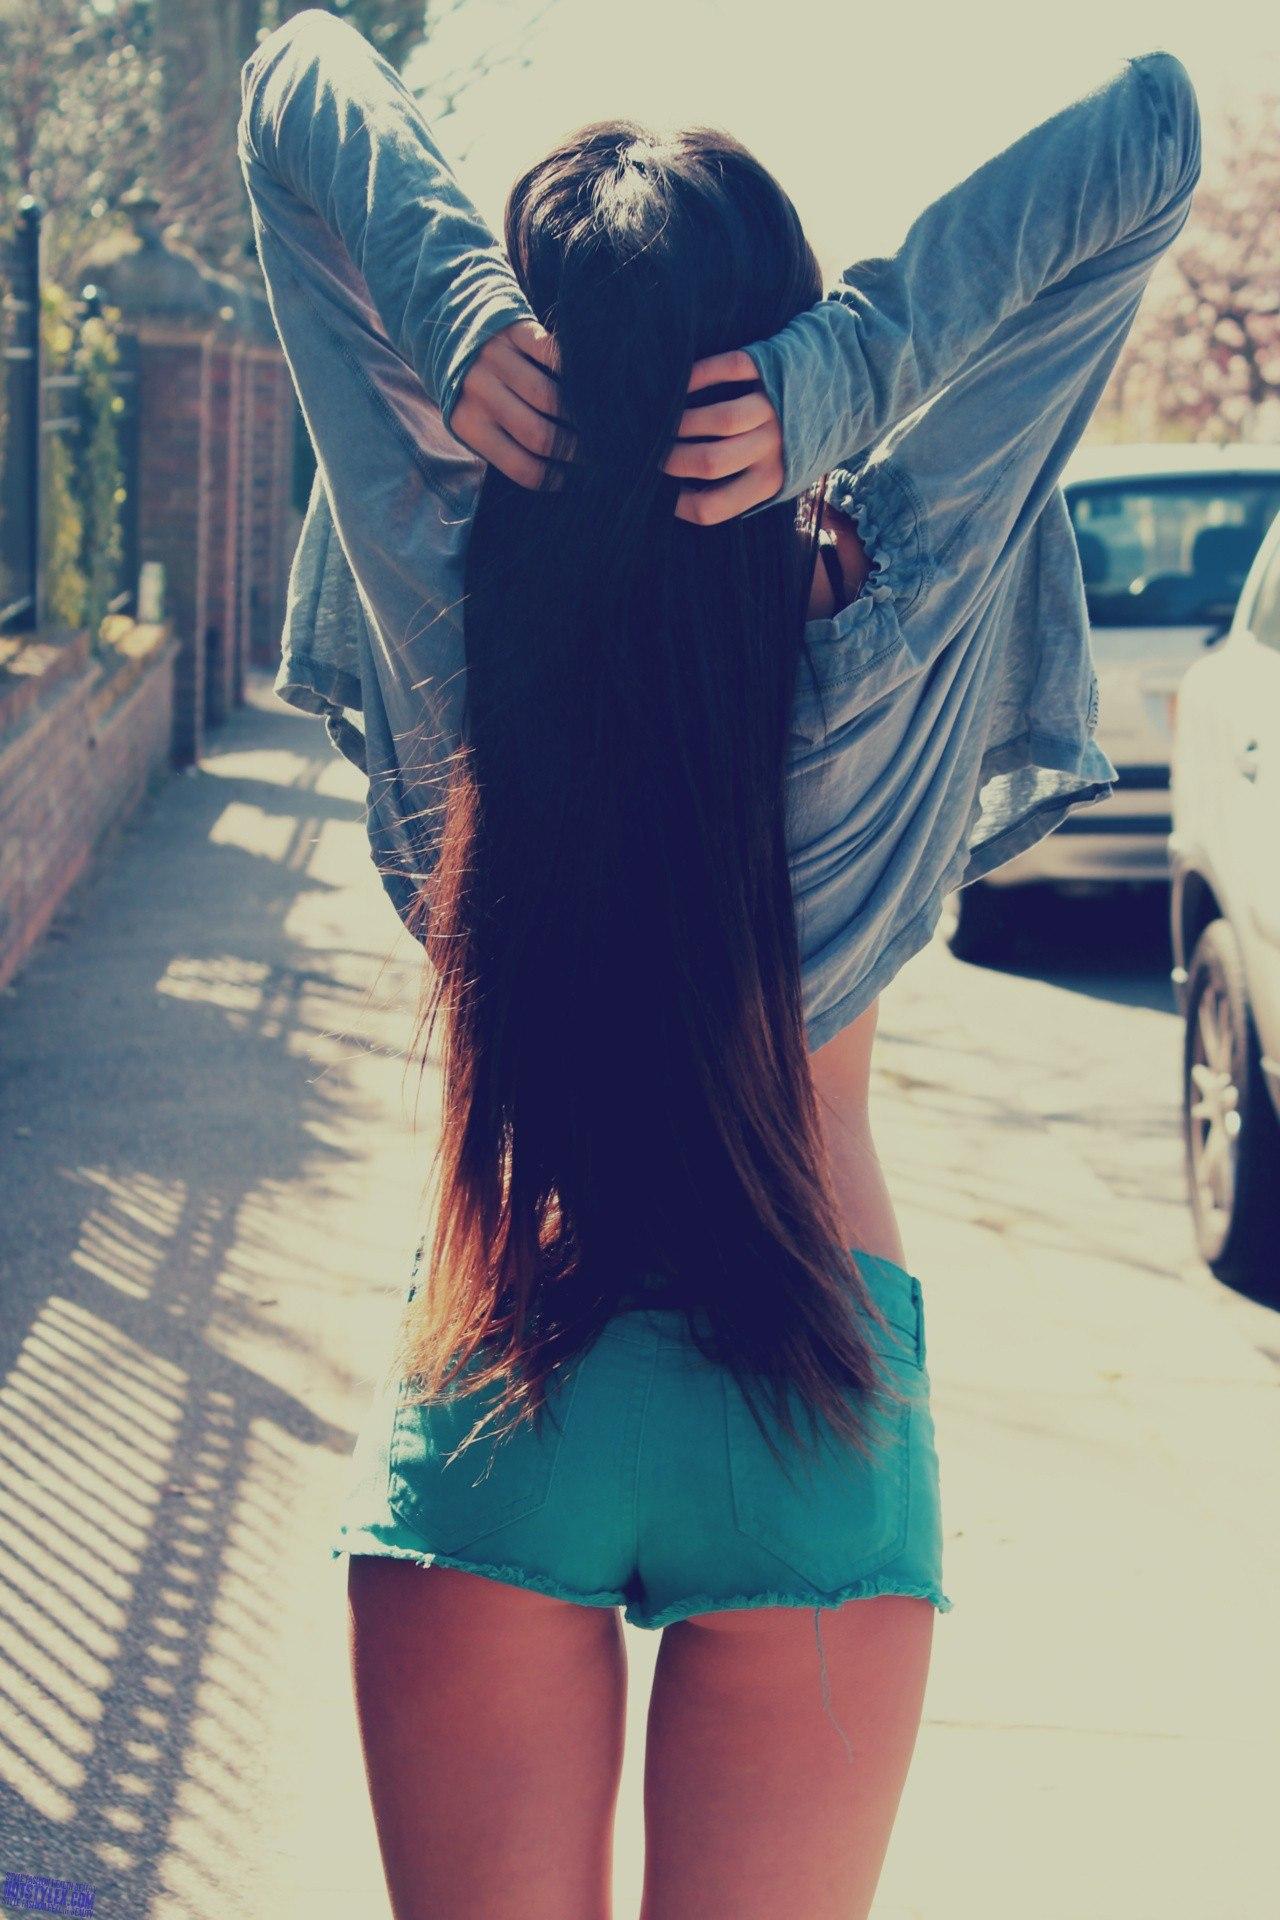 Фото девушки брюнетки с длинными волосами без лица